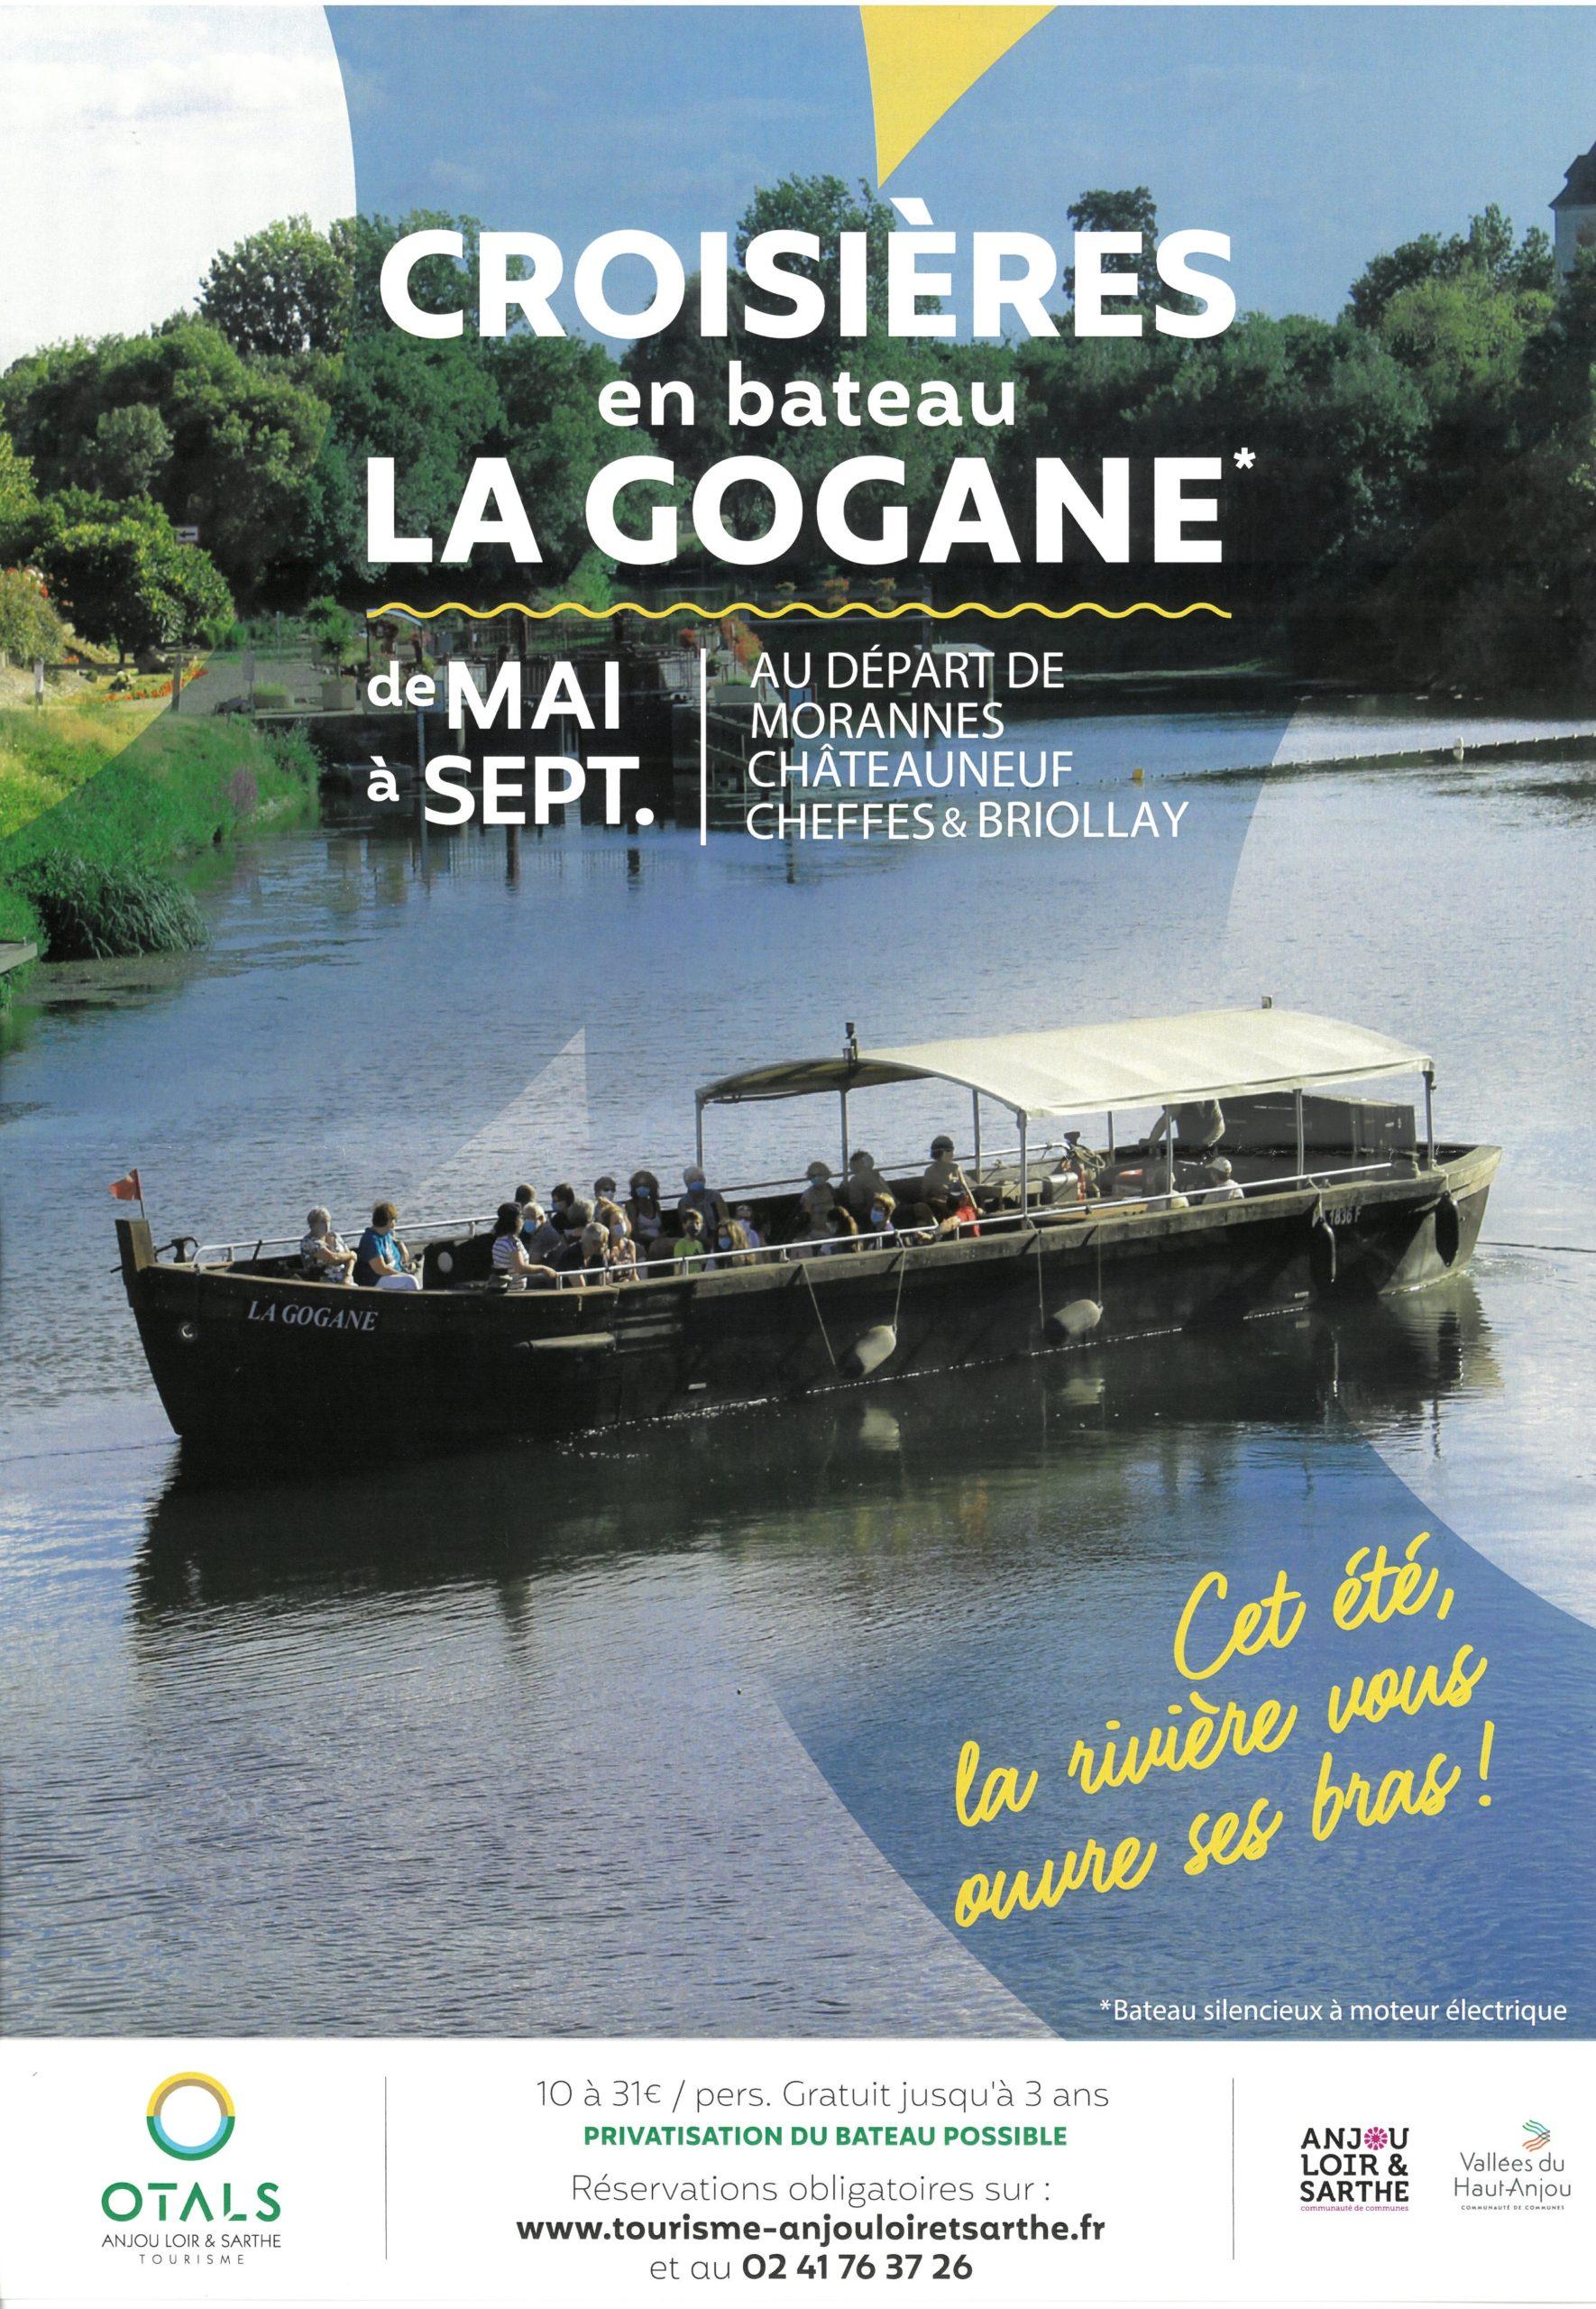 Croisières en bateau La GOGANE